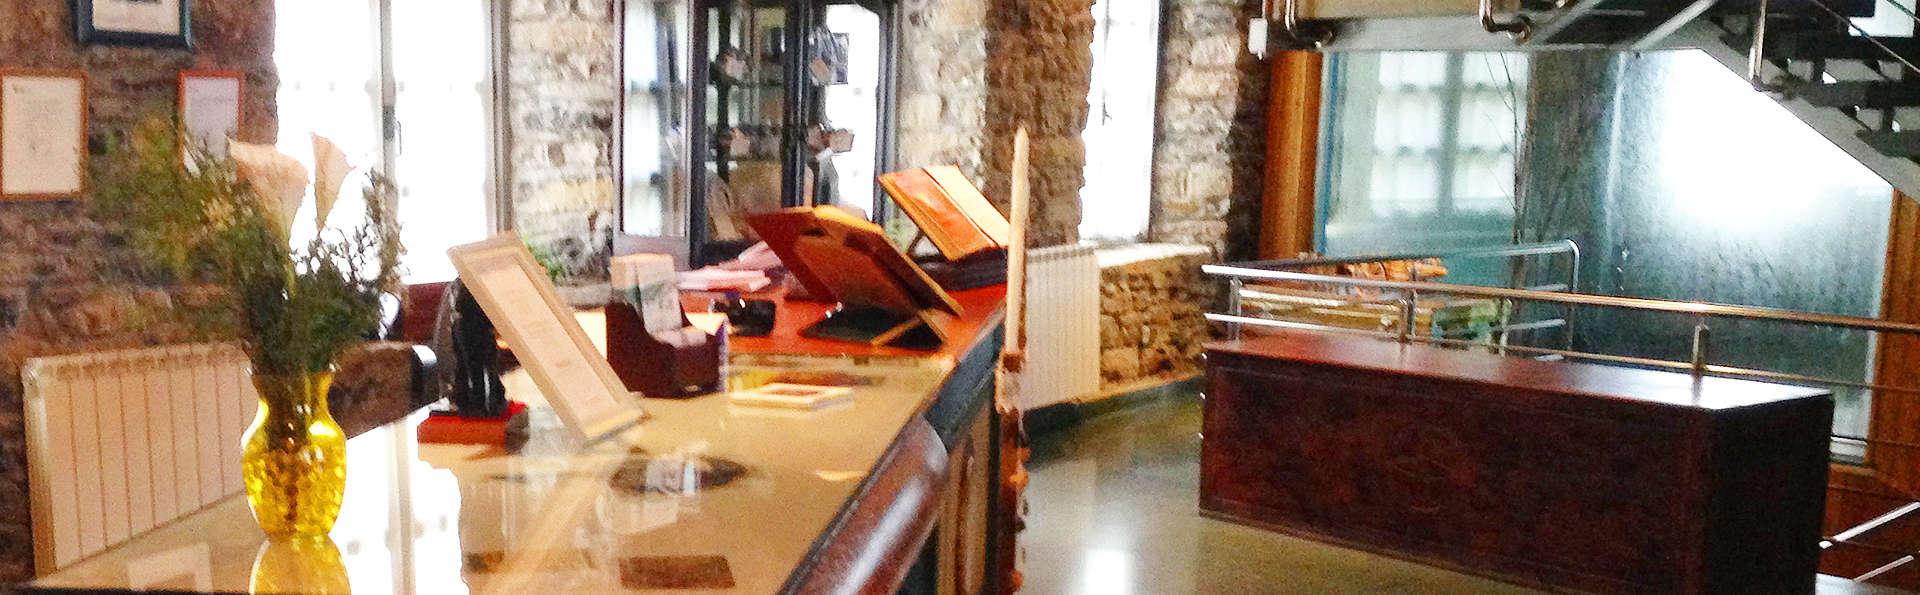 Hotel Rural Balneario Caldas de Luna  - edit_recepcion.jpg